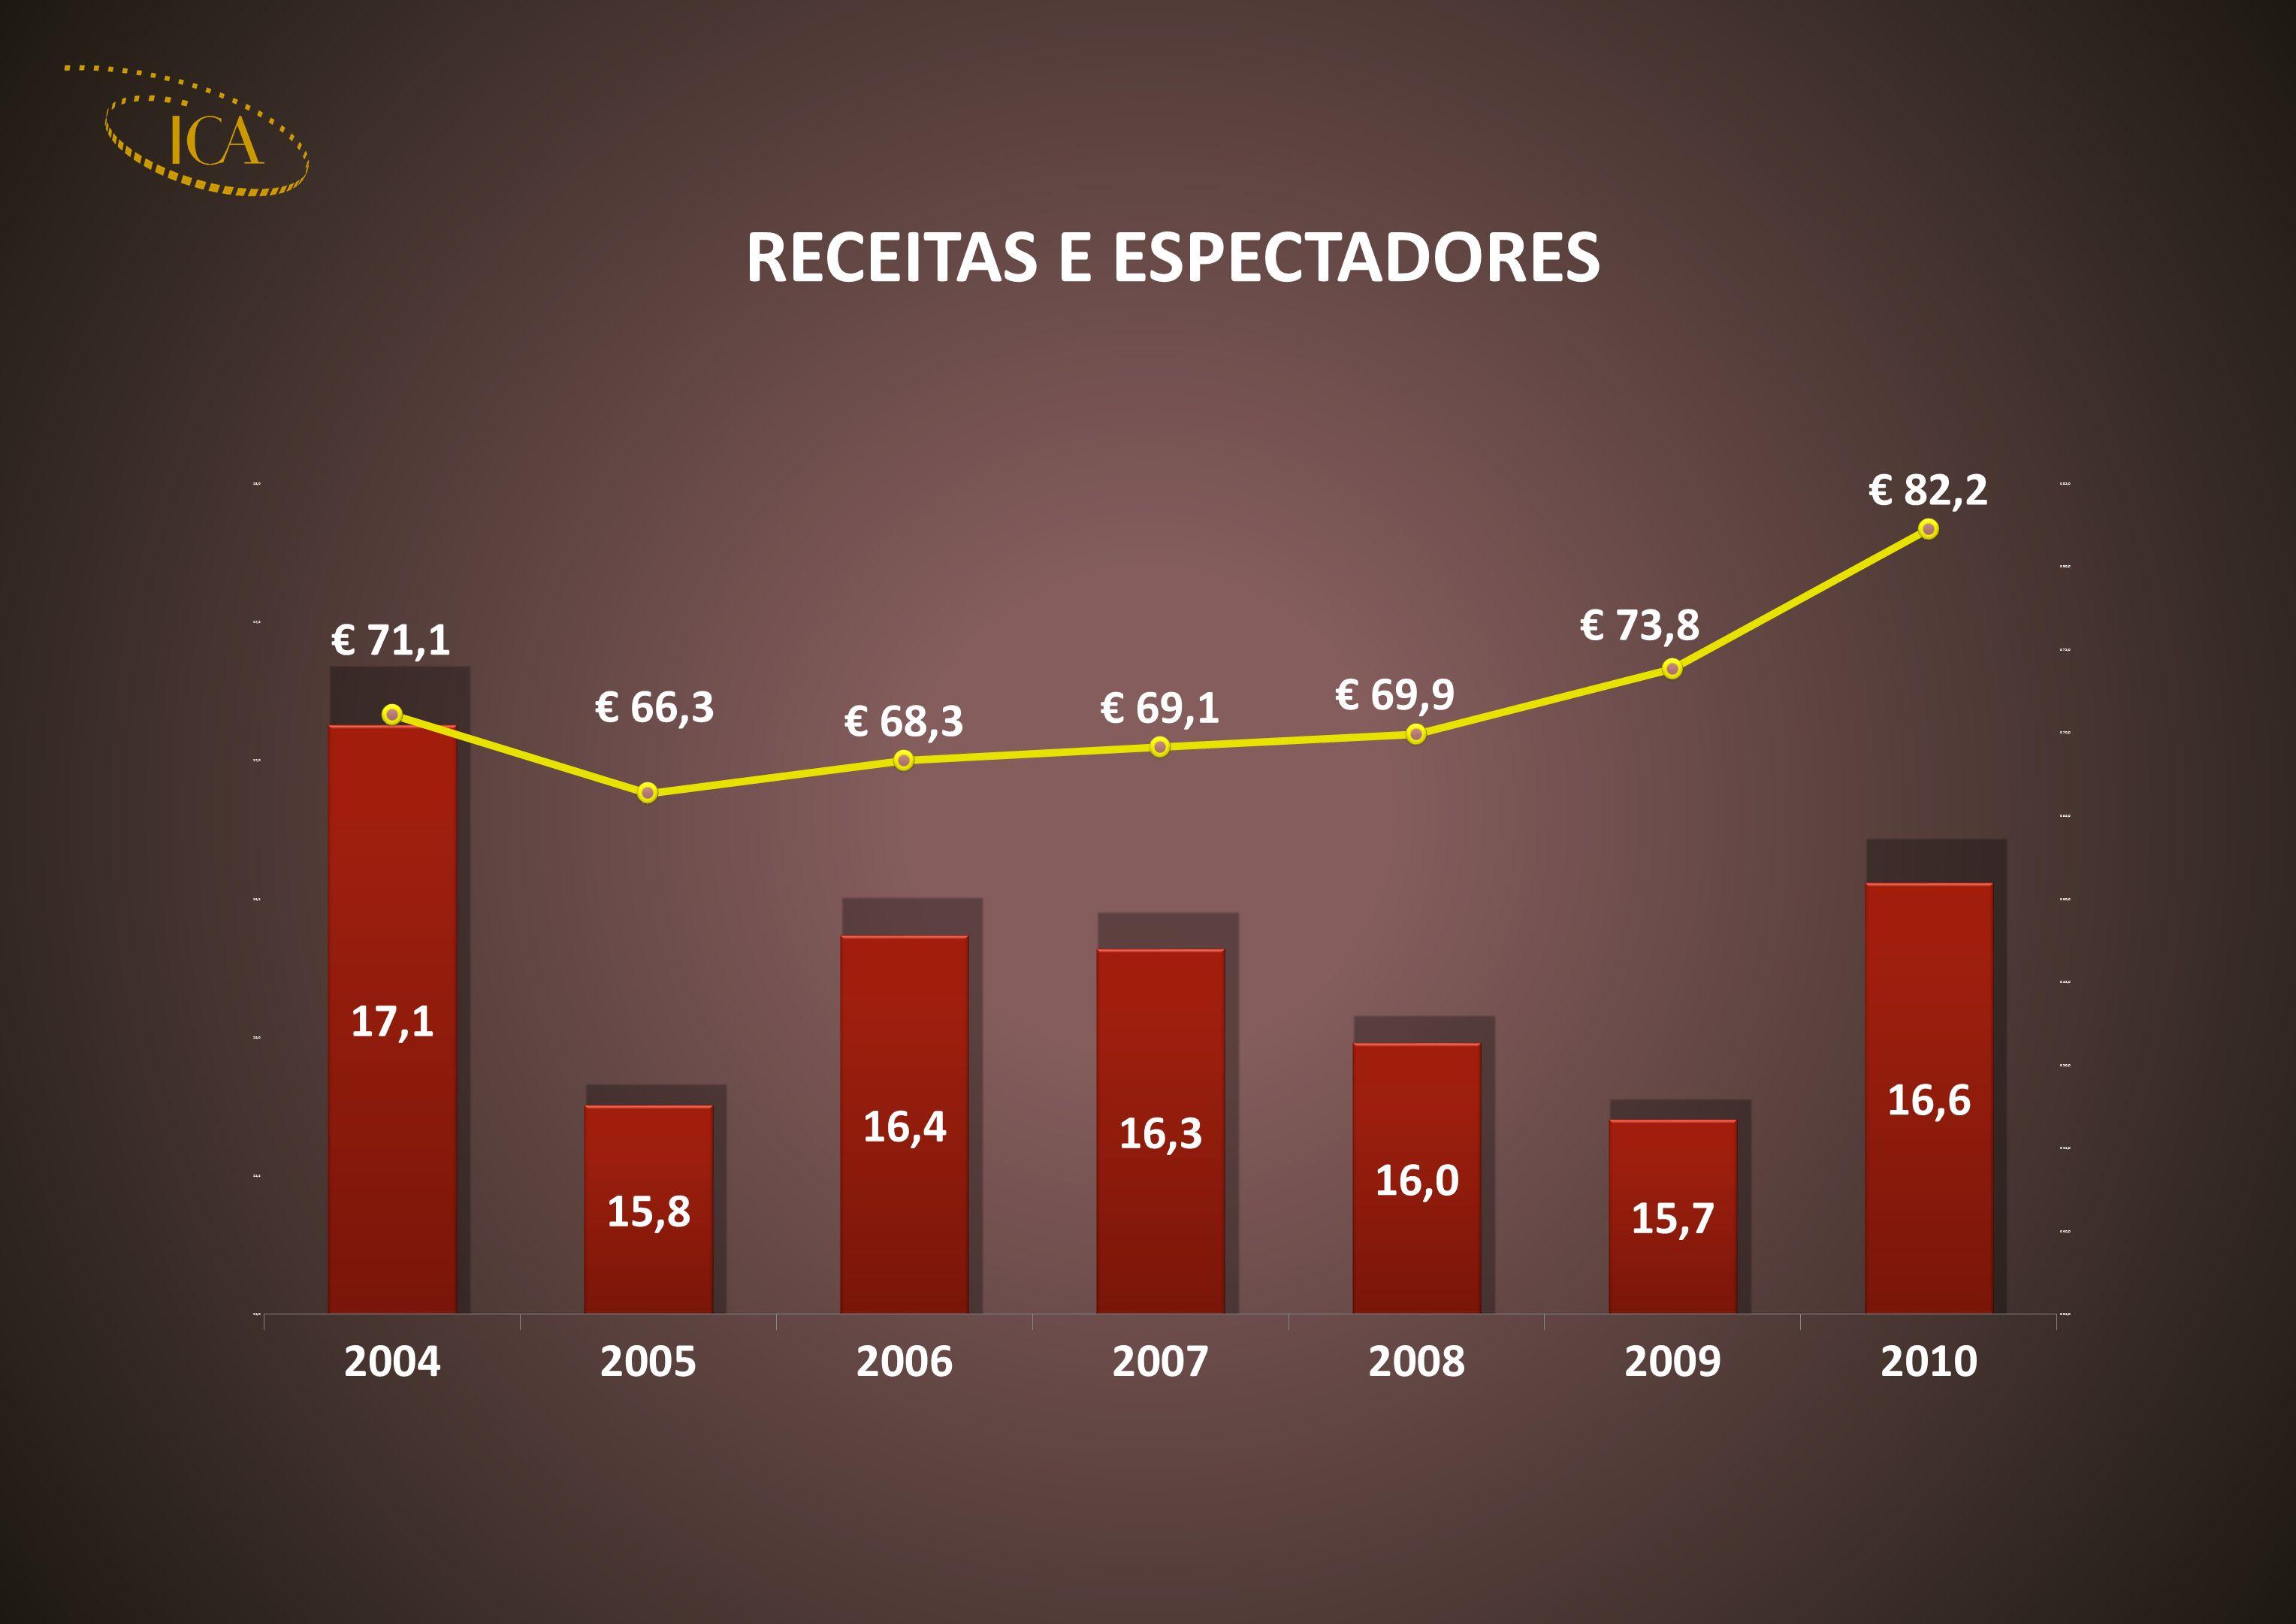 MÉDIA DE ESPECTADORES POR HABITANTE 2004200520062007200820092010 POPULAÇÃO10,5 10,6 ESPETADORES17,115,816,416,31615,716,6 RÁCIO1,61,5 1,6